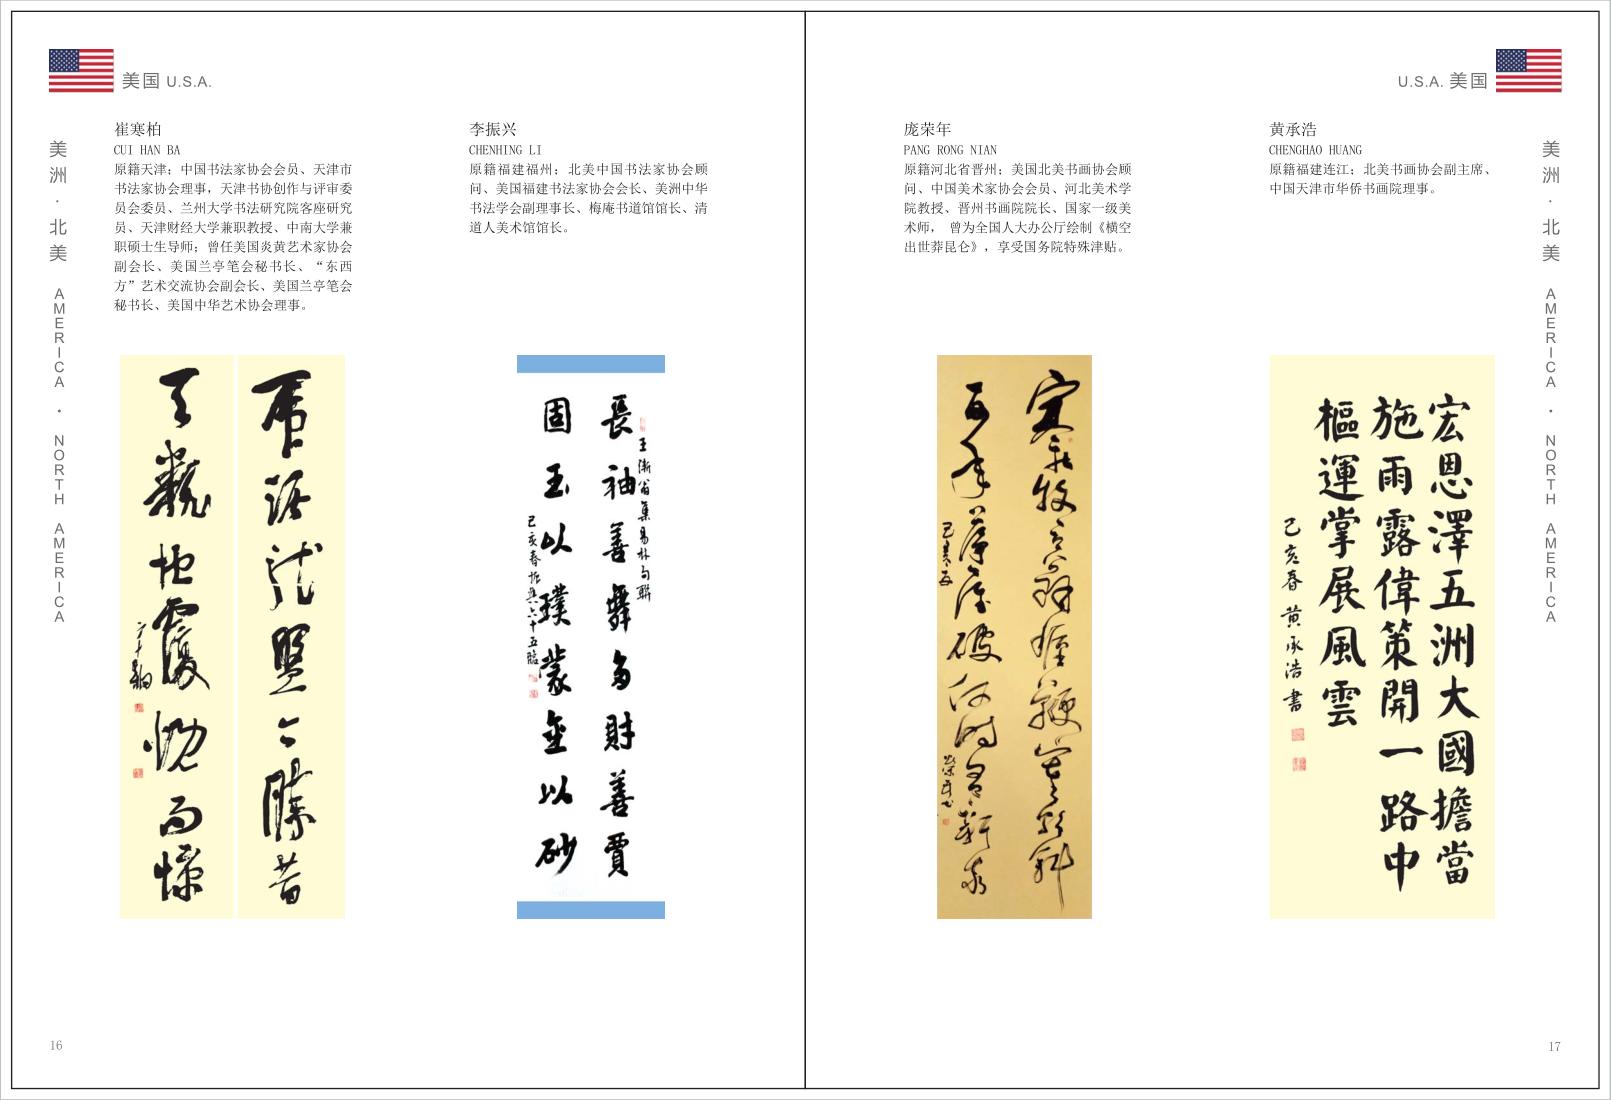 191页2_10.png